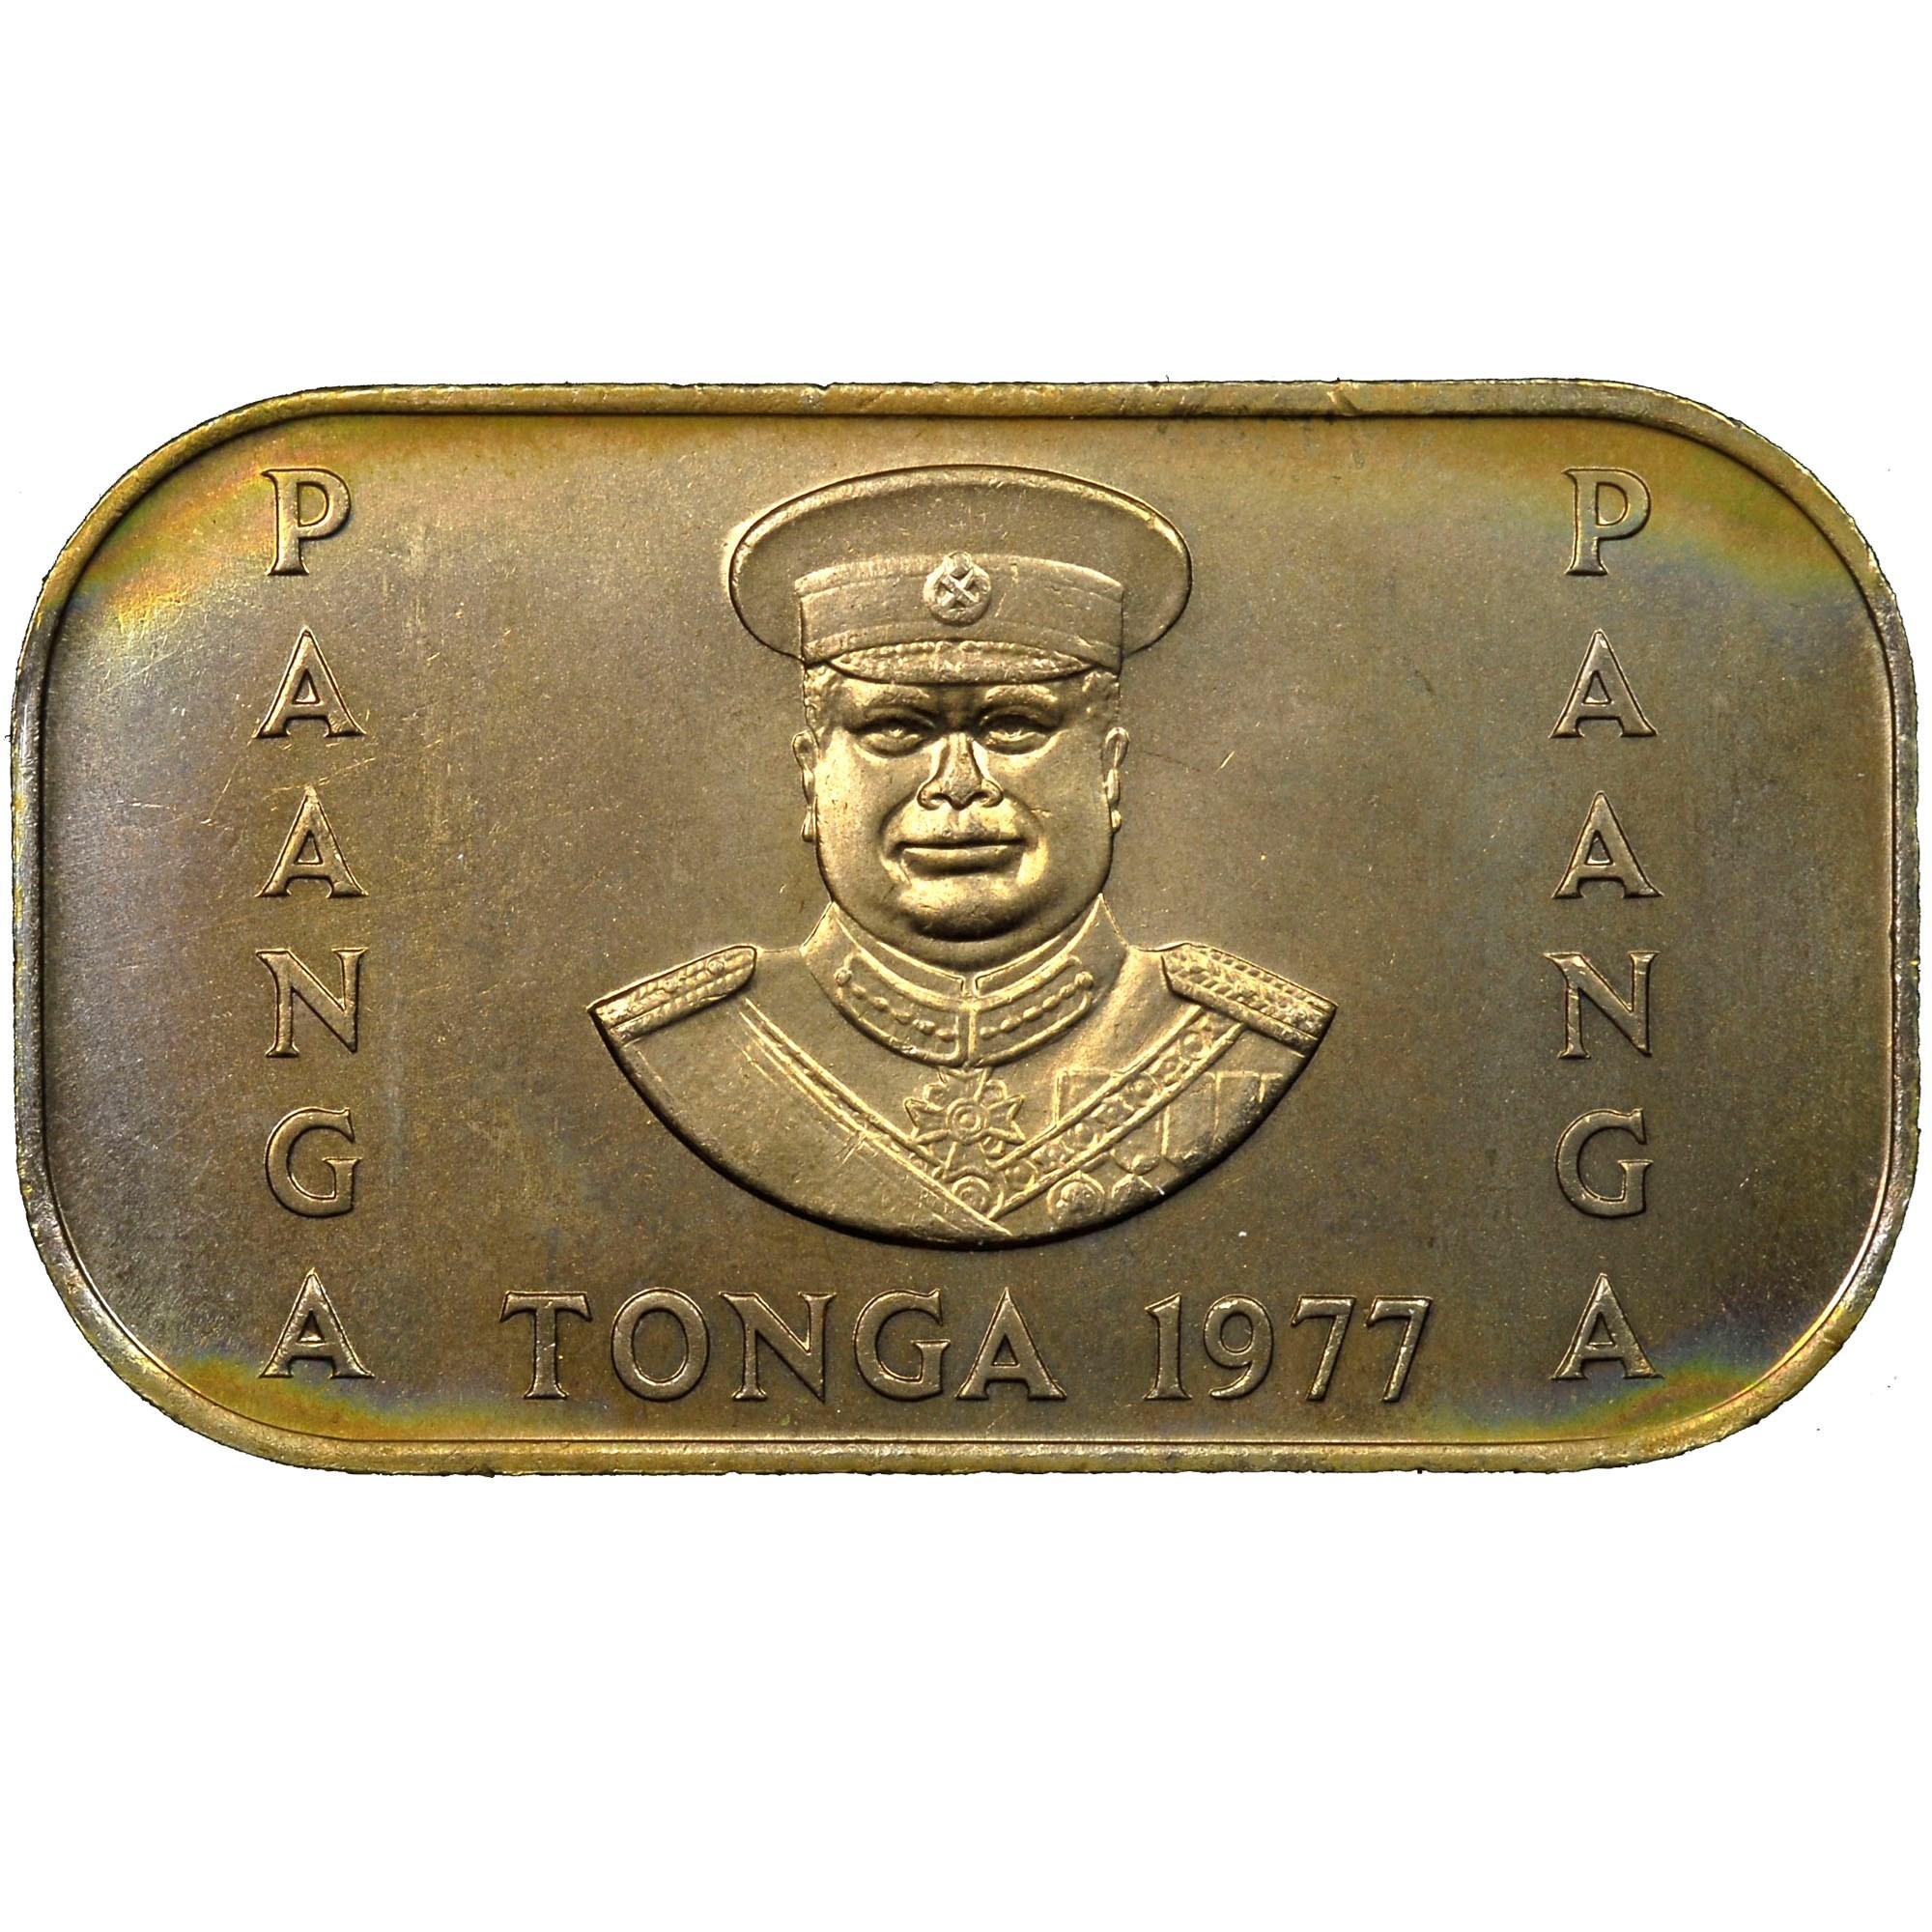 Tonga Pa'anga obverse